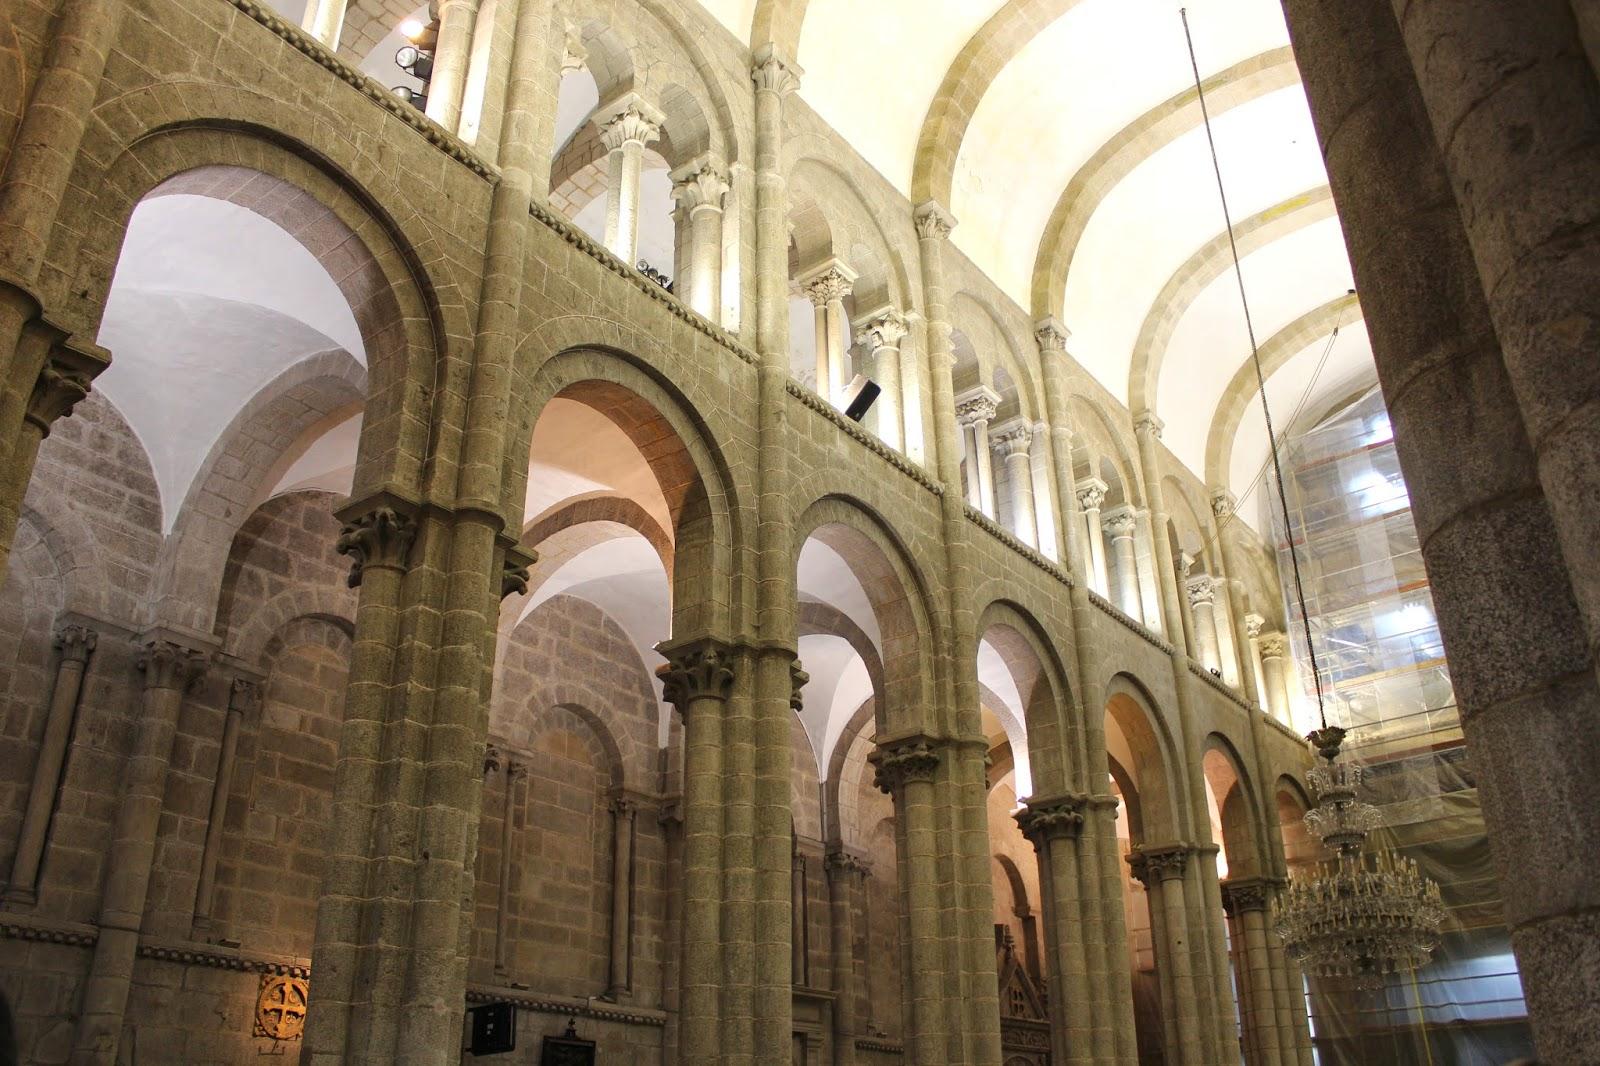 Maravillas ocultas de espa a la catedral de santiago de - Interior santiago de compostela ...